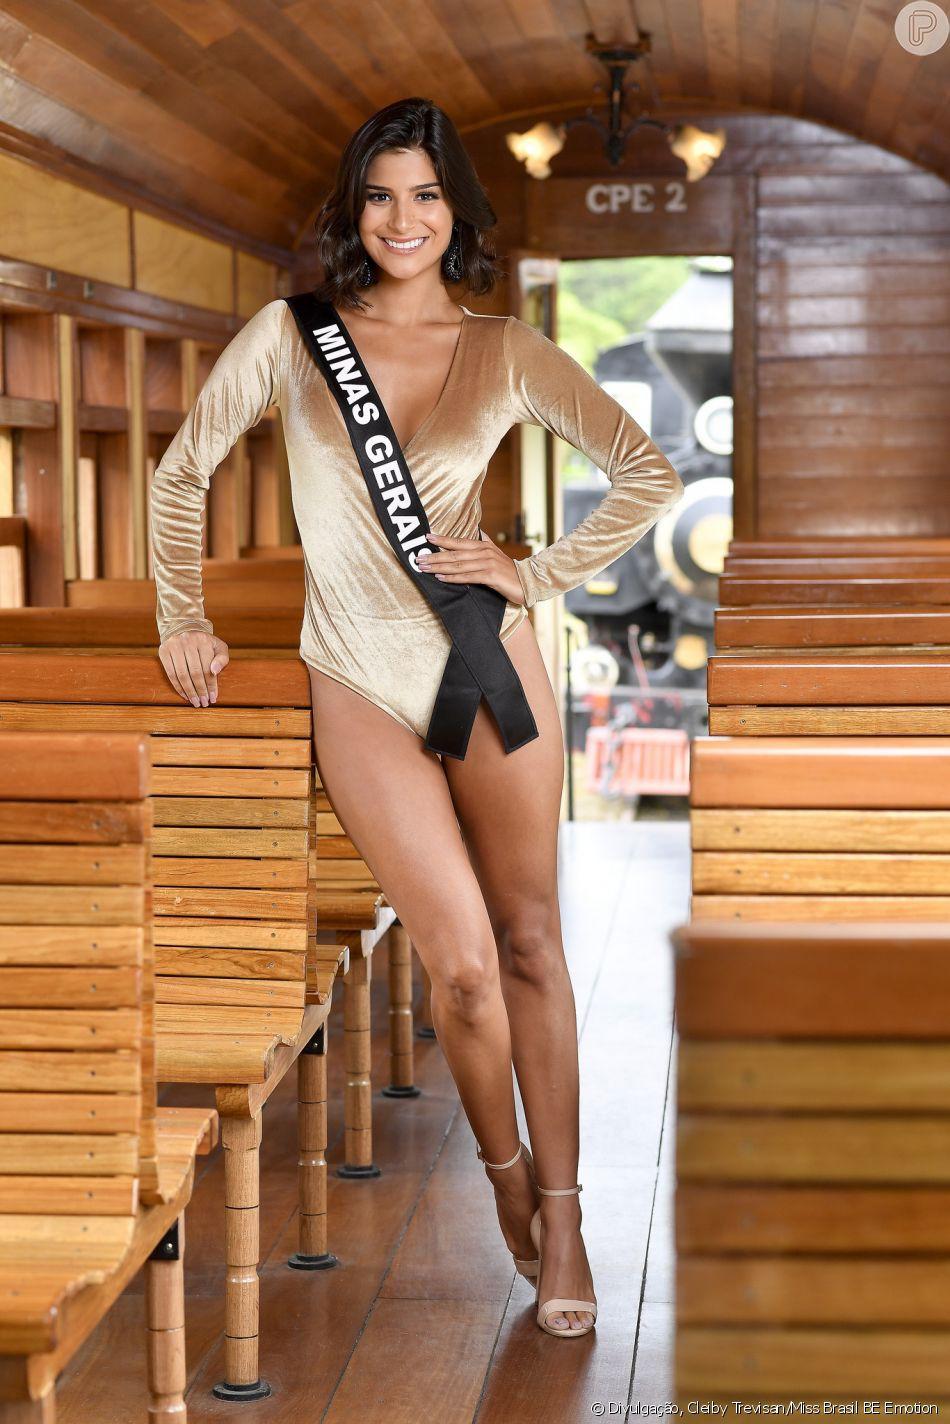 Đối thủ Hoàng Thùy tại Miss Universe 2019: Từ cơ bụng 6 múi đến thành tích cực khủng đủ sức nuốt chửng bất cứ người đẹp nào!-15